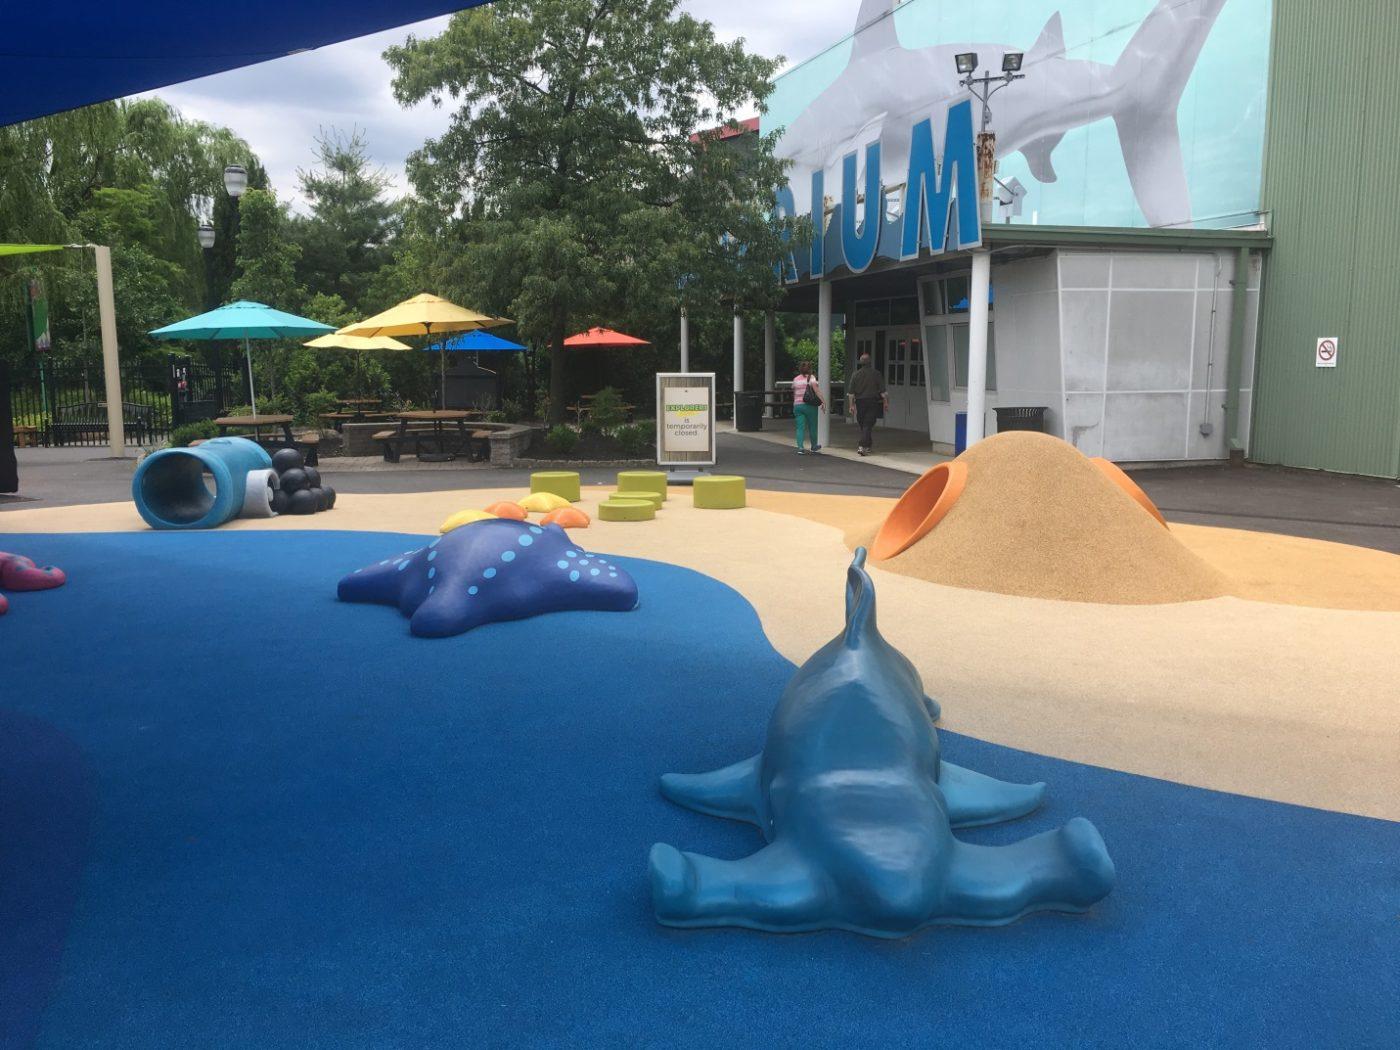 Adventure Aquarium - PLAYTIME